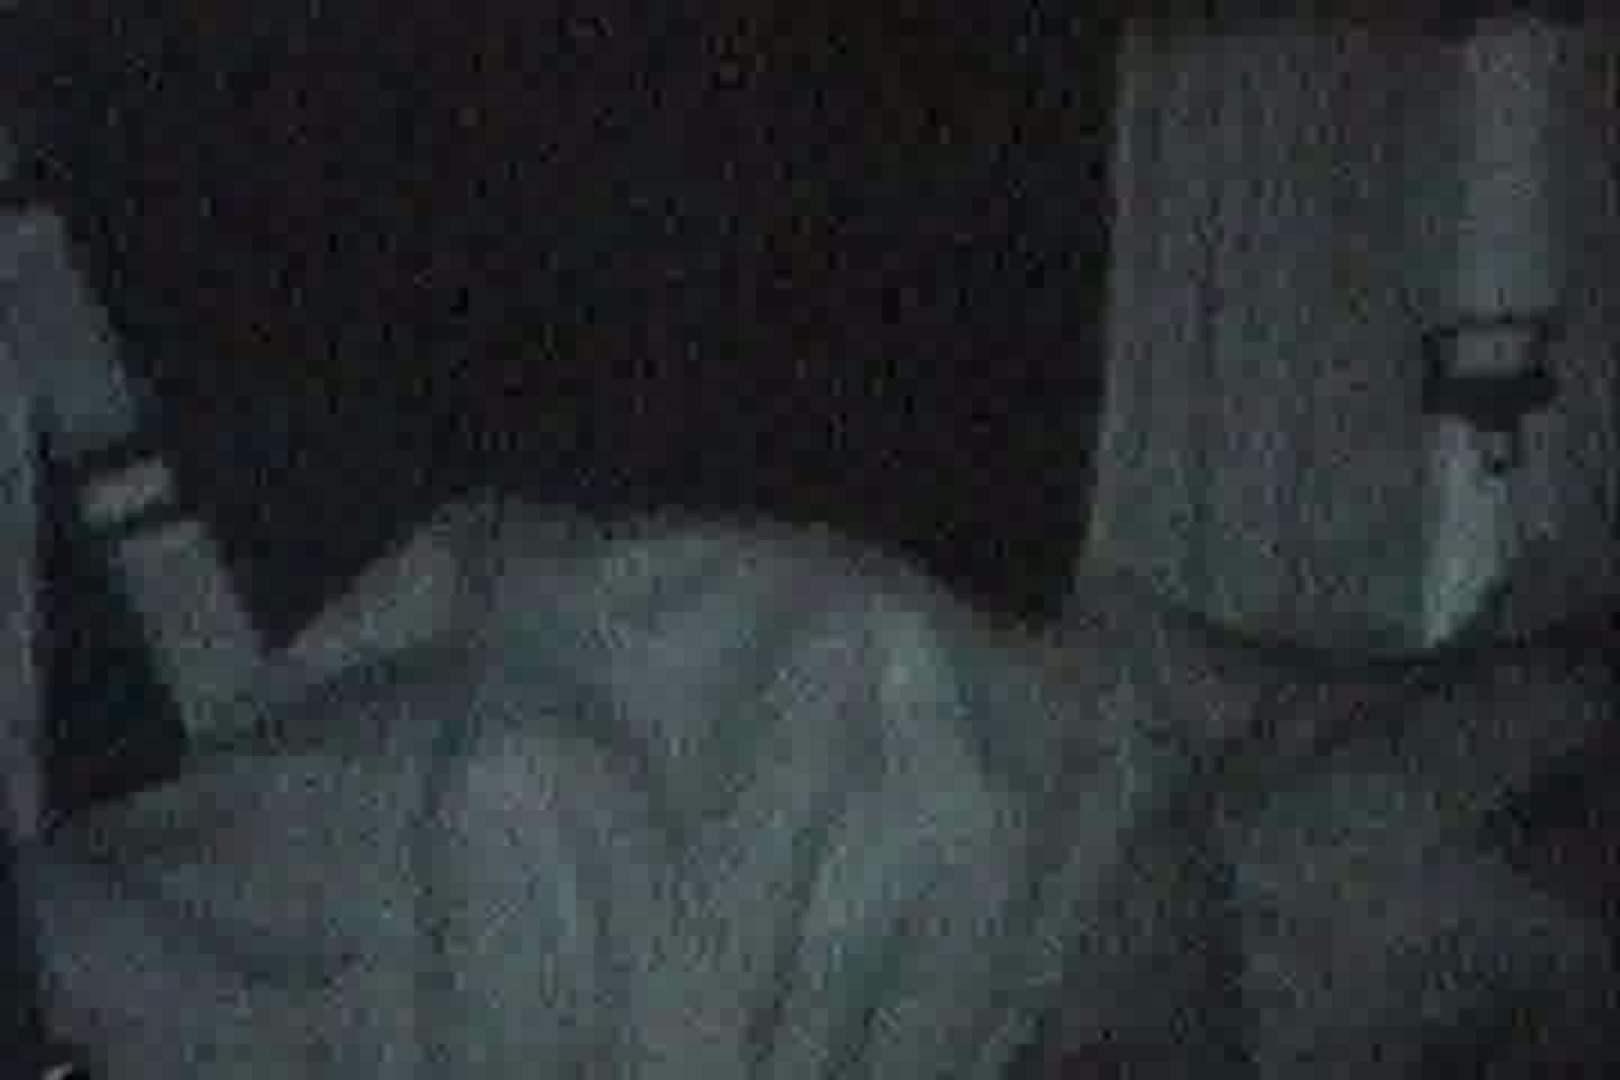 充血監督の深夜の運動会Vol.16 おまんこ無修正 盗撮AV動画キャプチャ 87pic 2